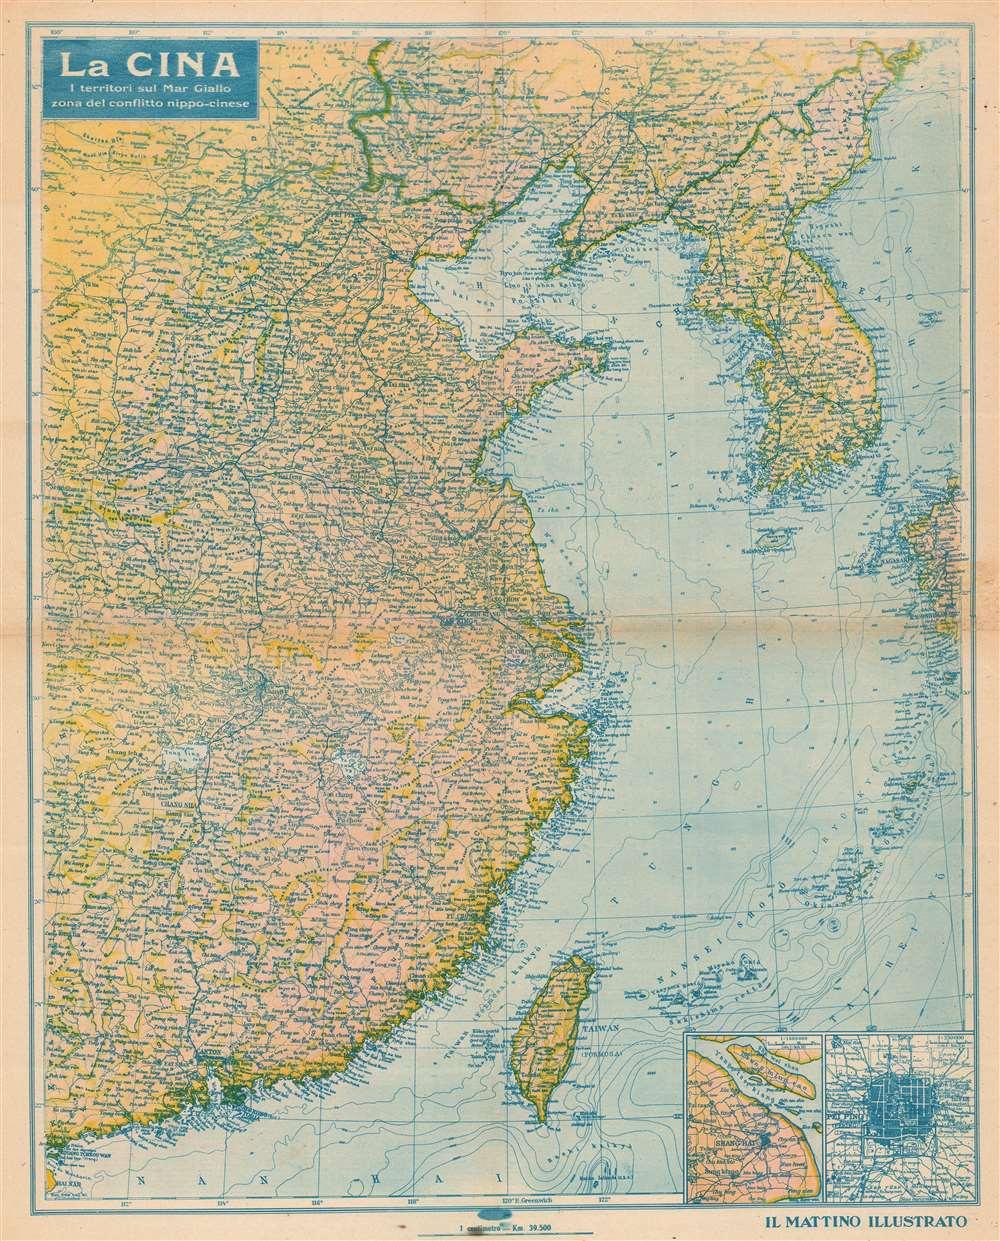 1937 'Il Mattino Illustrato' Propaganda Map of China / 2nd Sino-Japanese War